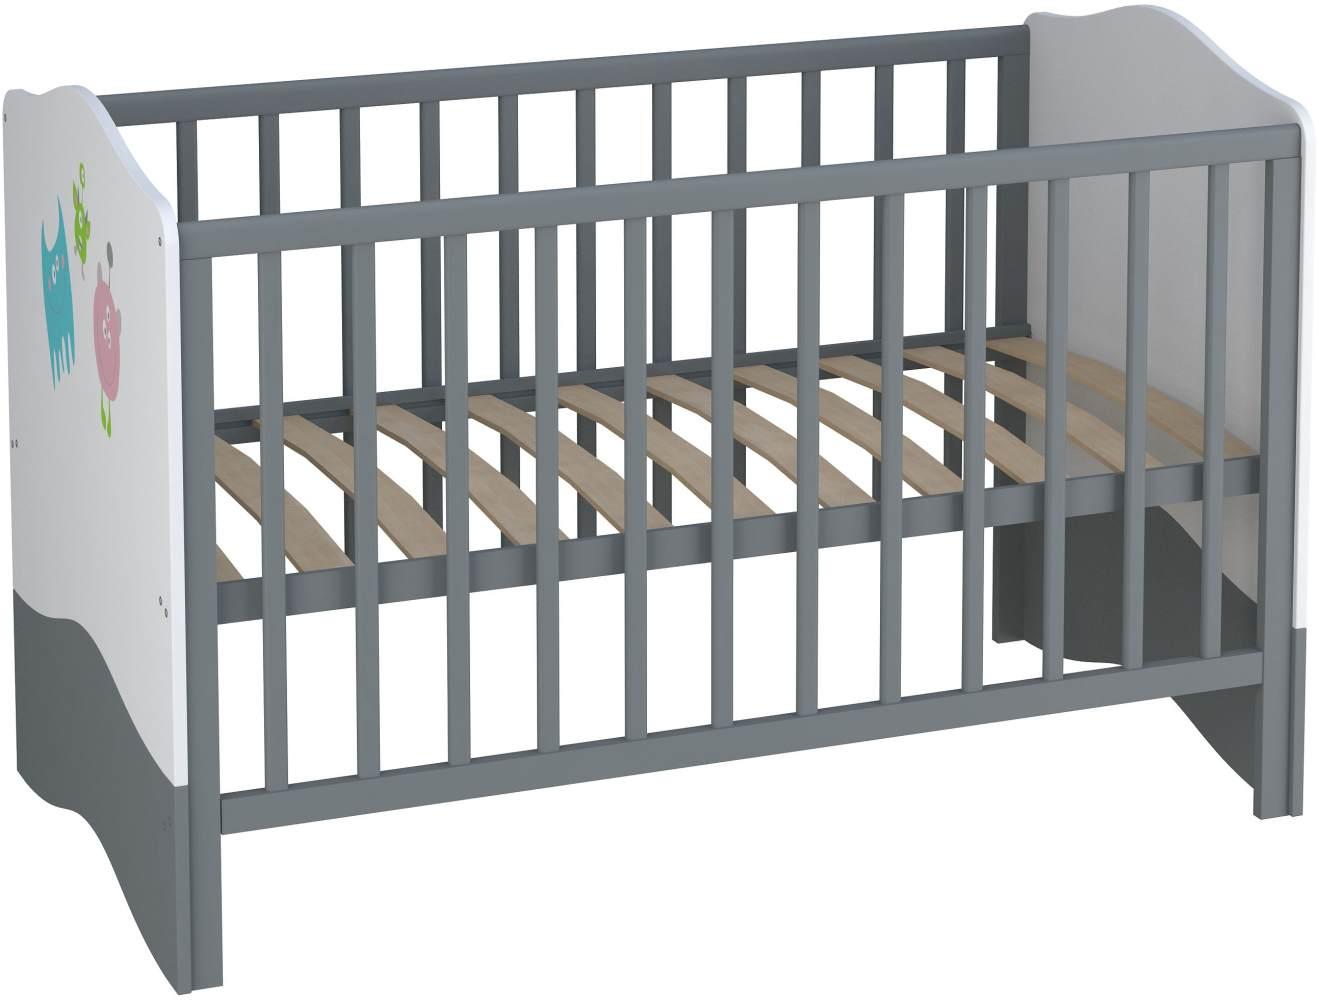 Polini Kids Kombi-Kinderbett Basic Monsters weiß-grau 140x70 cm Bild 1